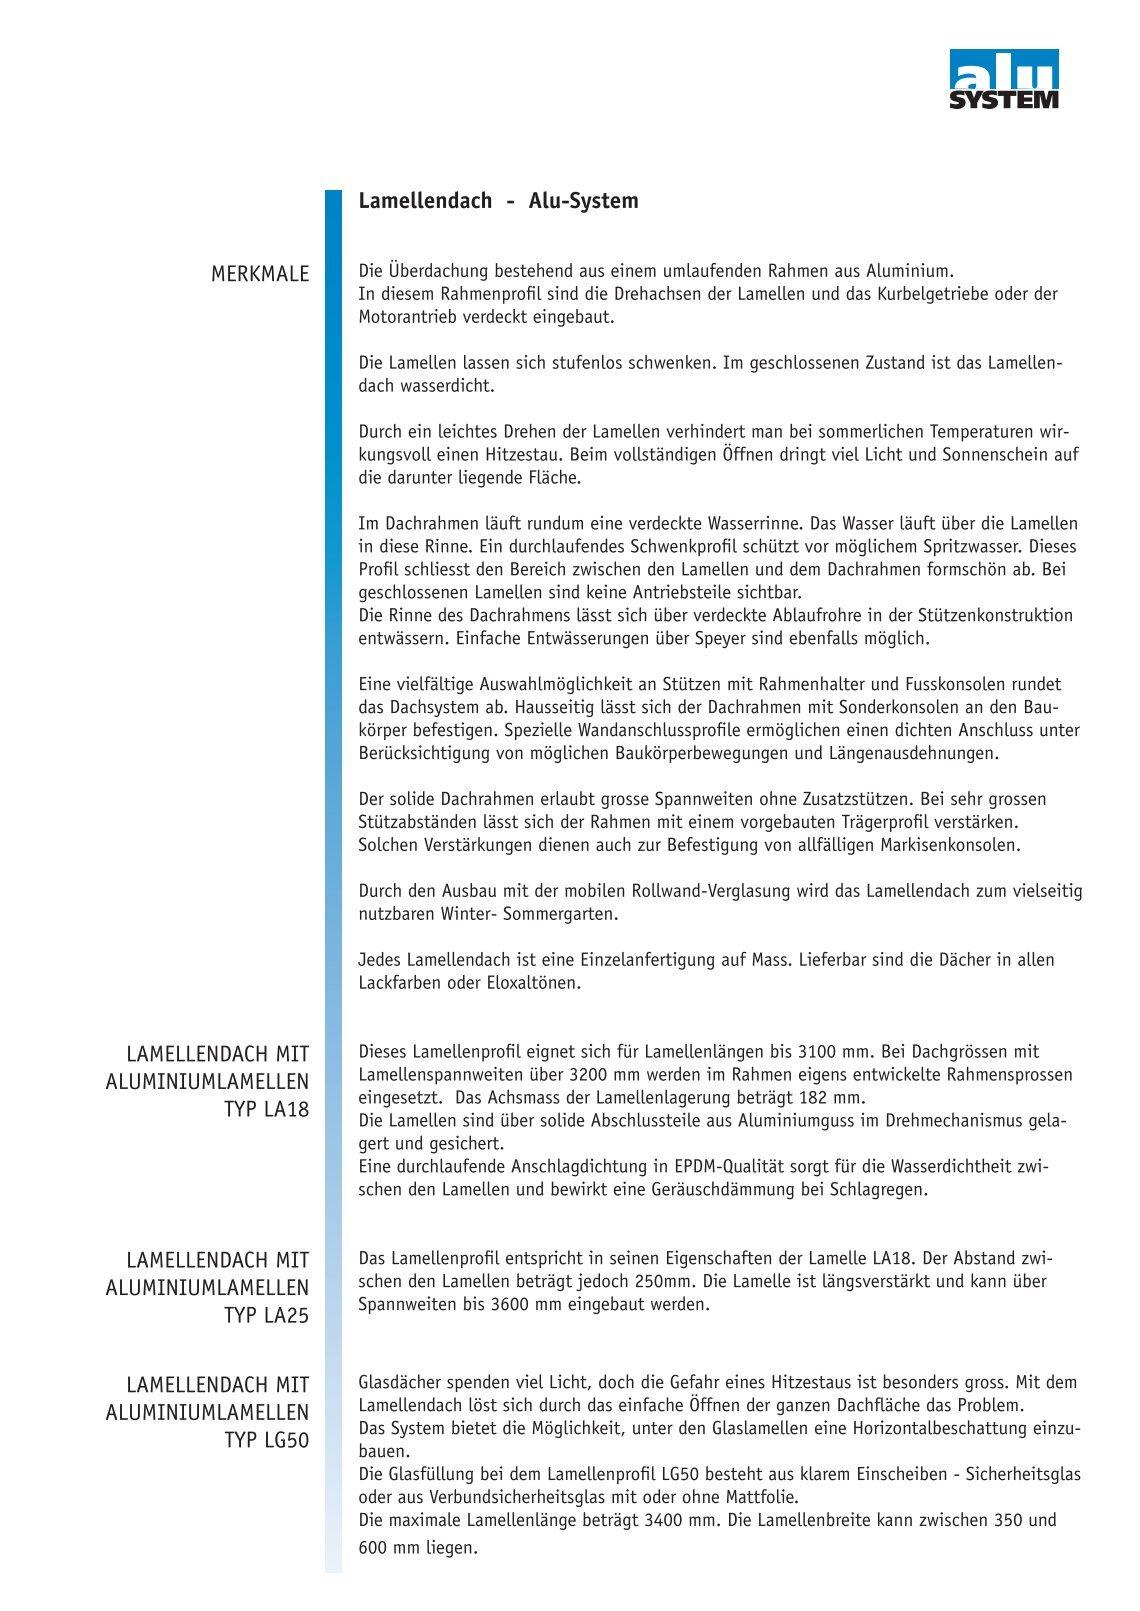 Berühmt Doppelbettrahmen Mit Lamellen Galerie - Benutzerdefinierte ...